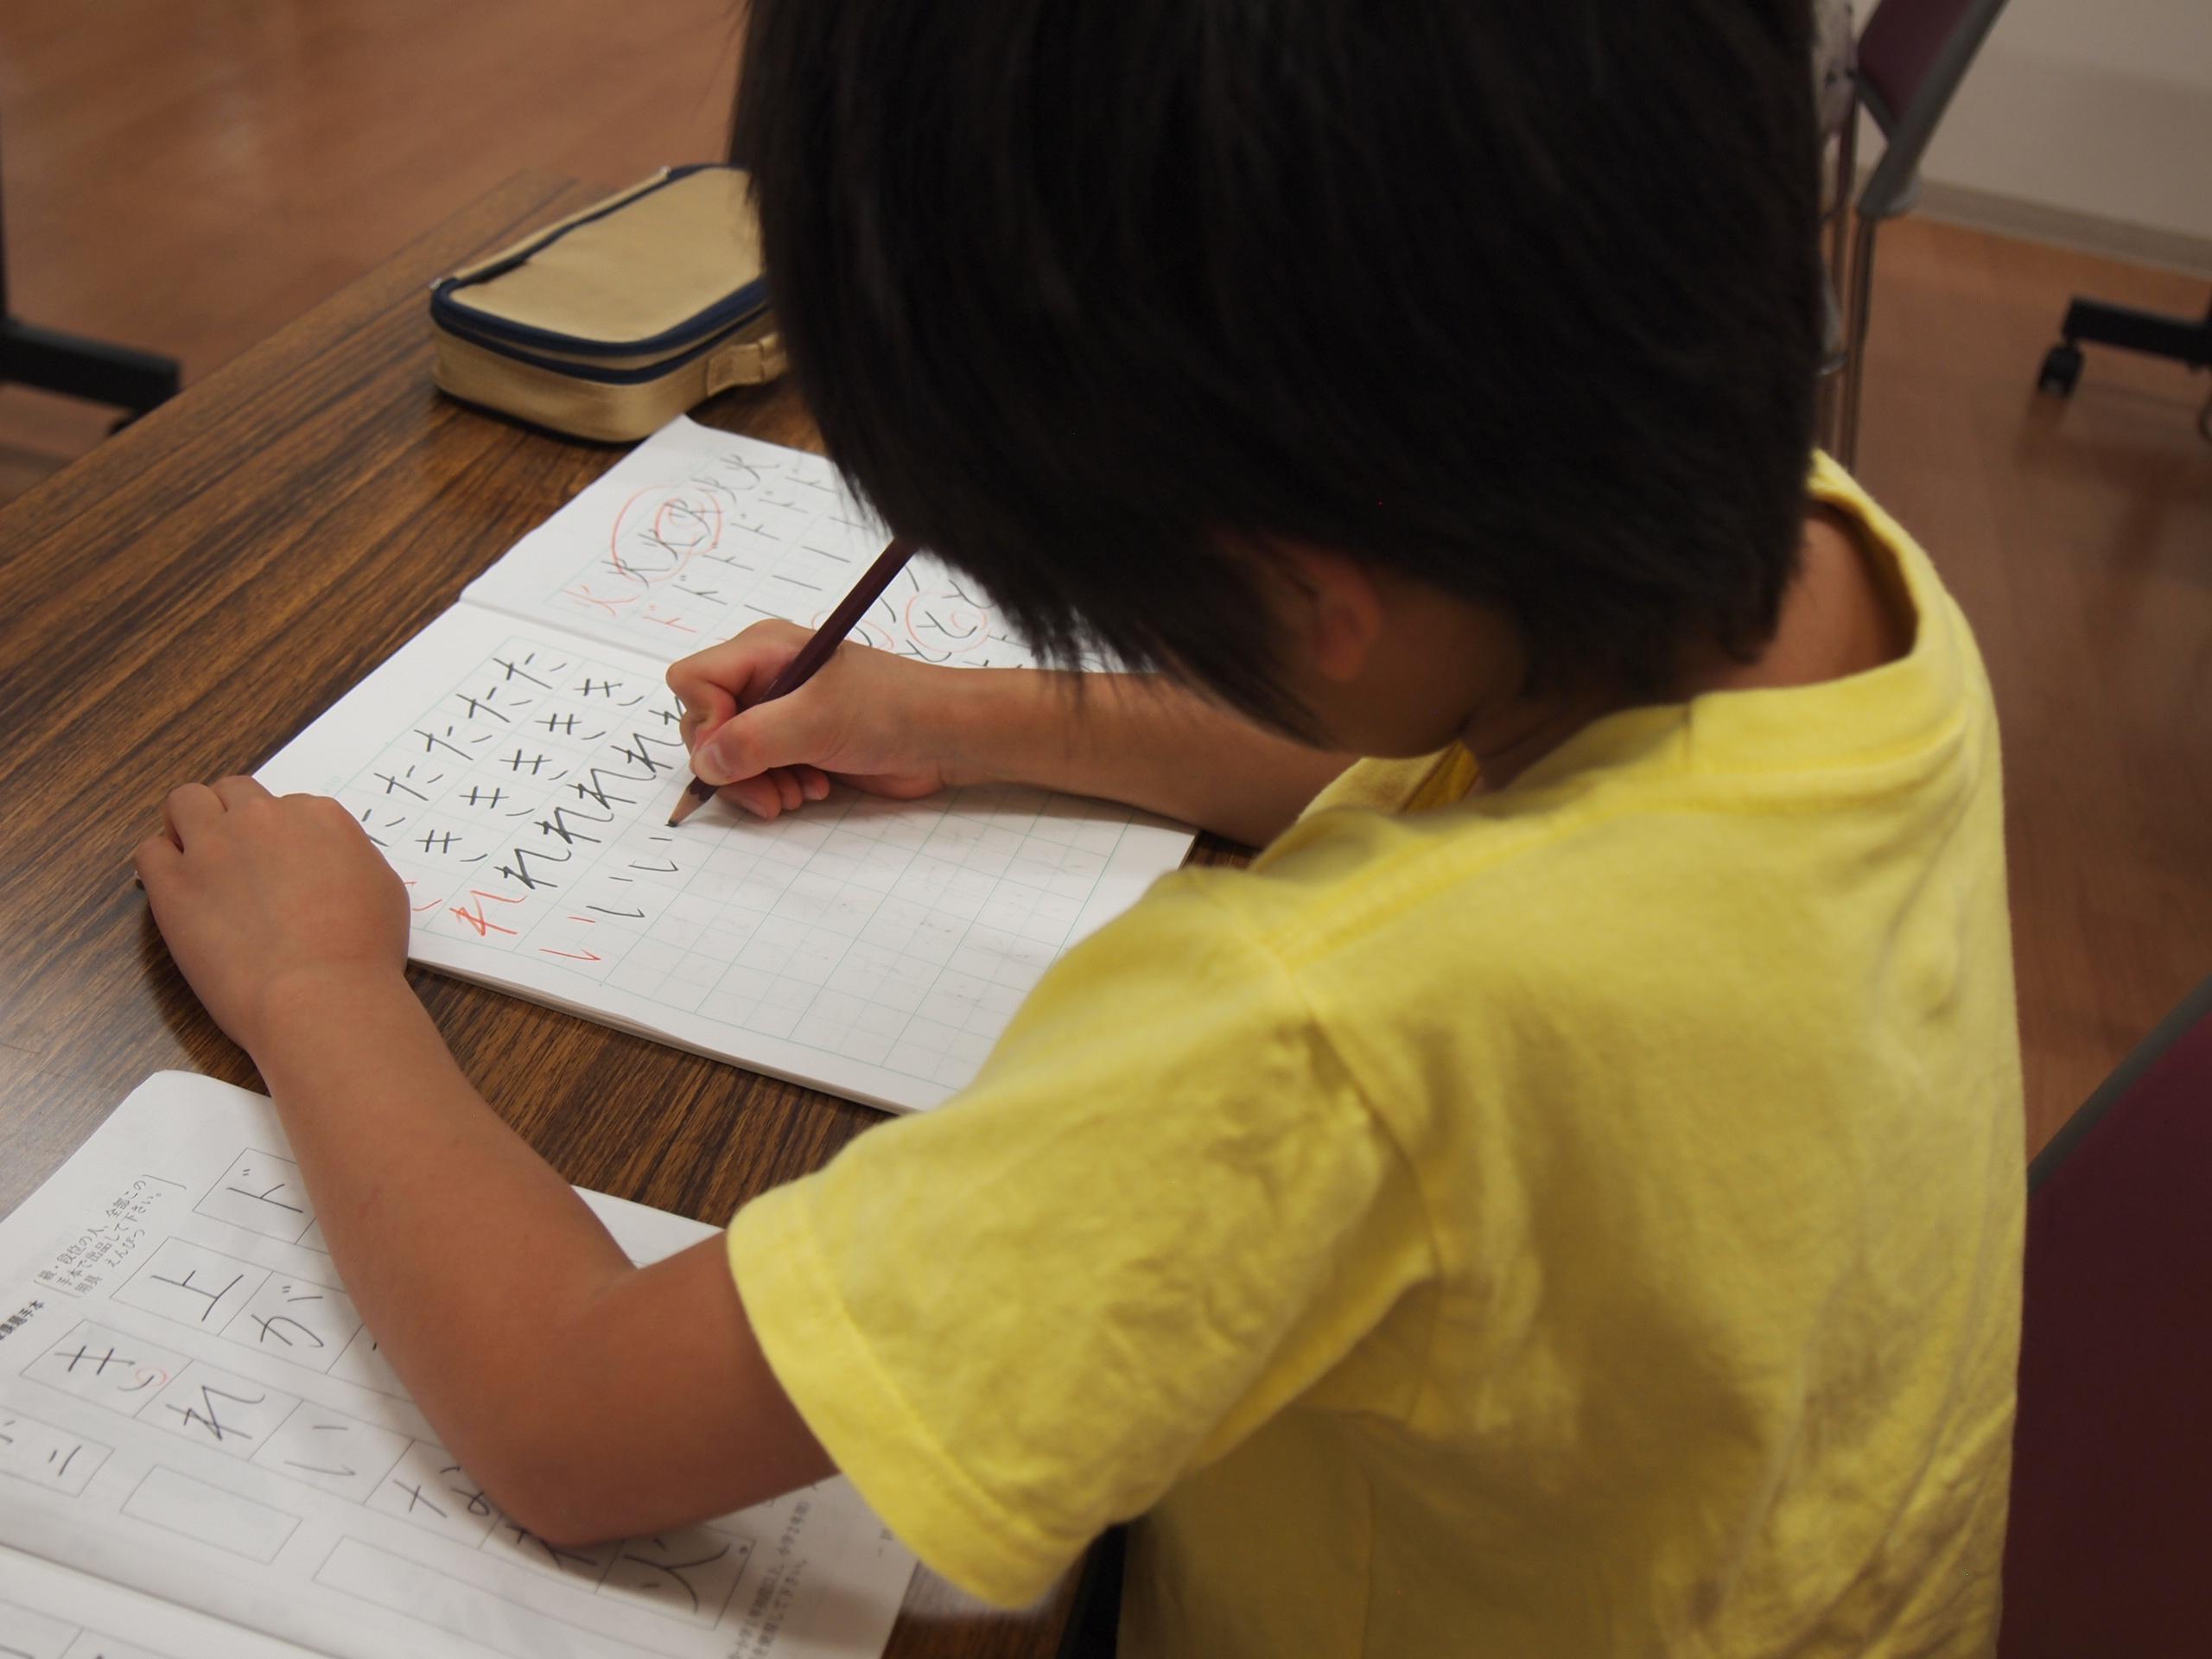 体験:春杪先生の子ども書道&硬筆教室・3DAY体験【木曜・日曜クラス】 12月15日~他